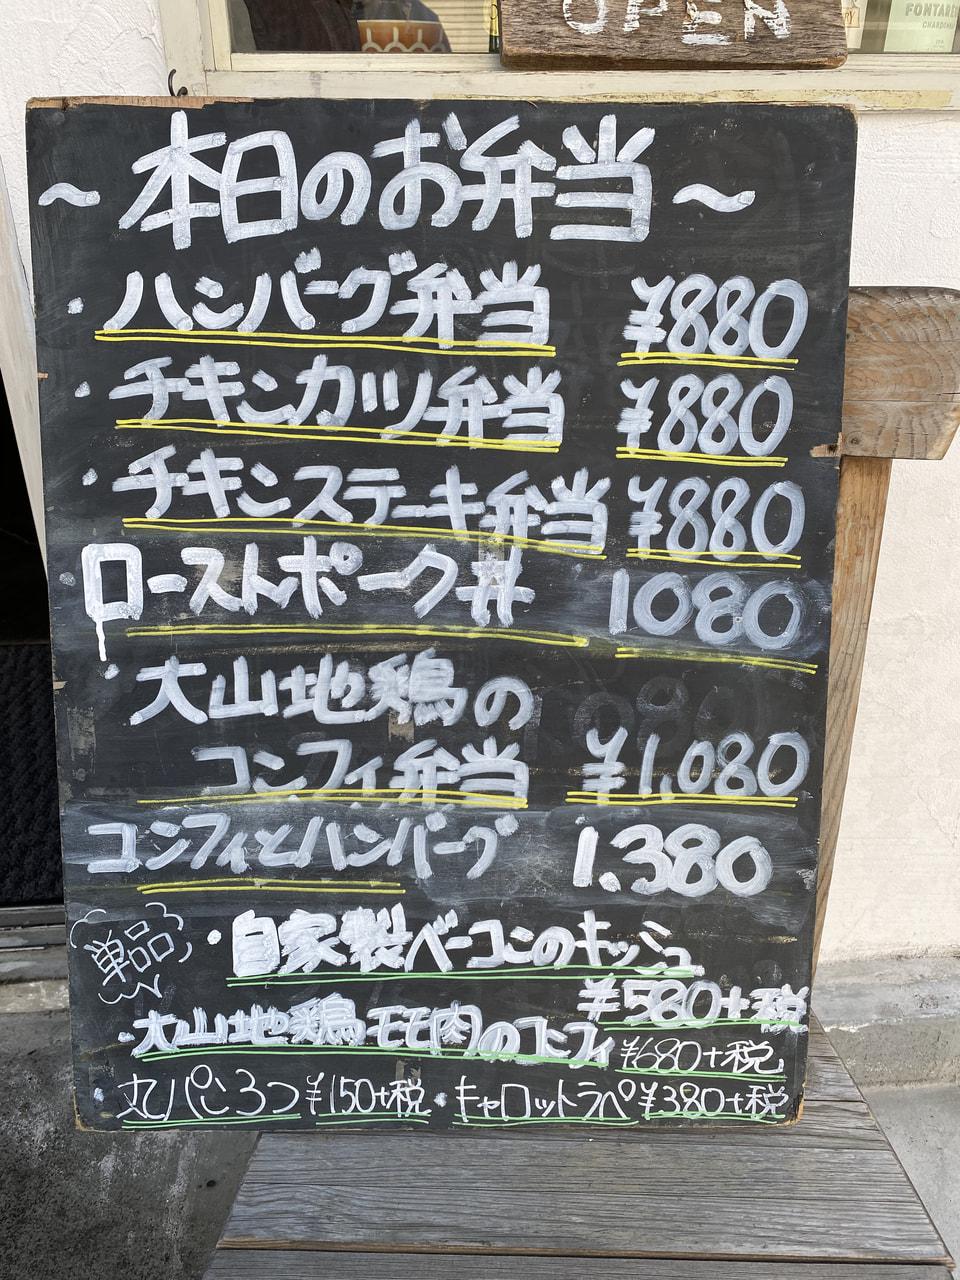 ミソラ食堂(朝霞市)のテイクアウトできるお弁当